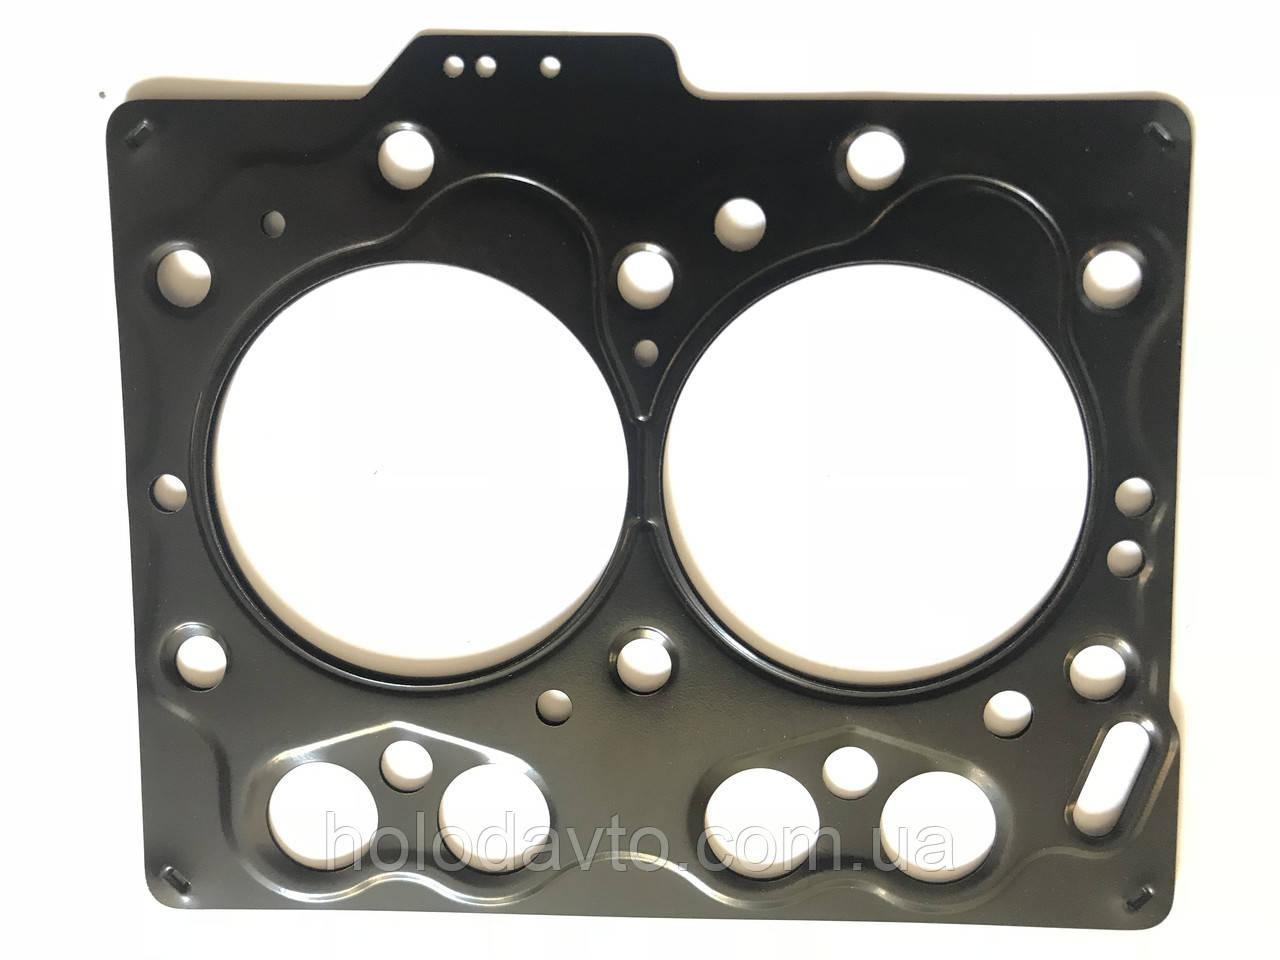 Прокладка головки блока цилиндров ГБЦ TK 2.49 ; 33-2831, фото 1